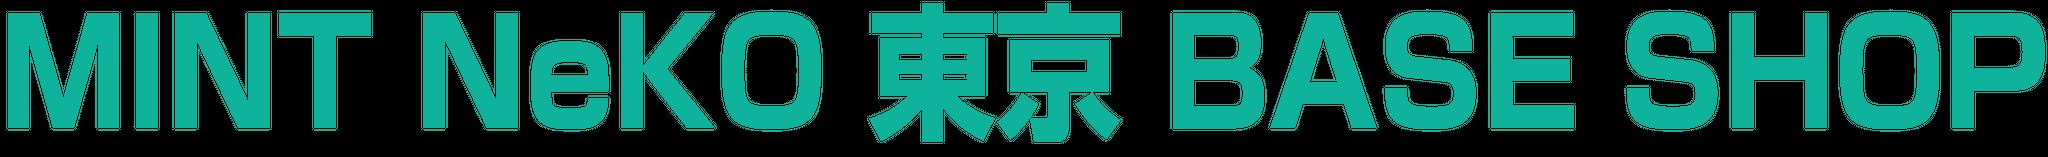 MINT NeKO東京BASE SHOP